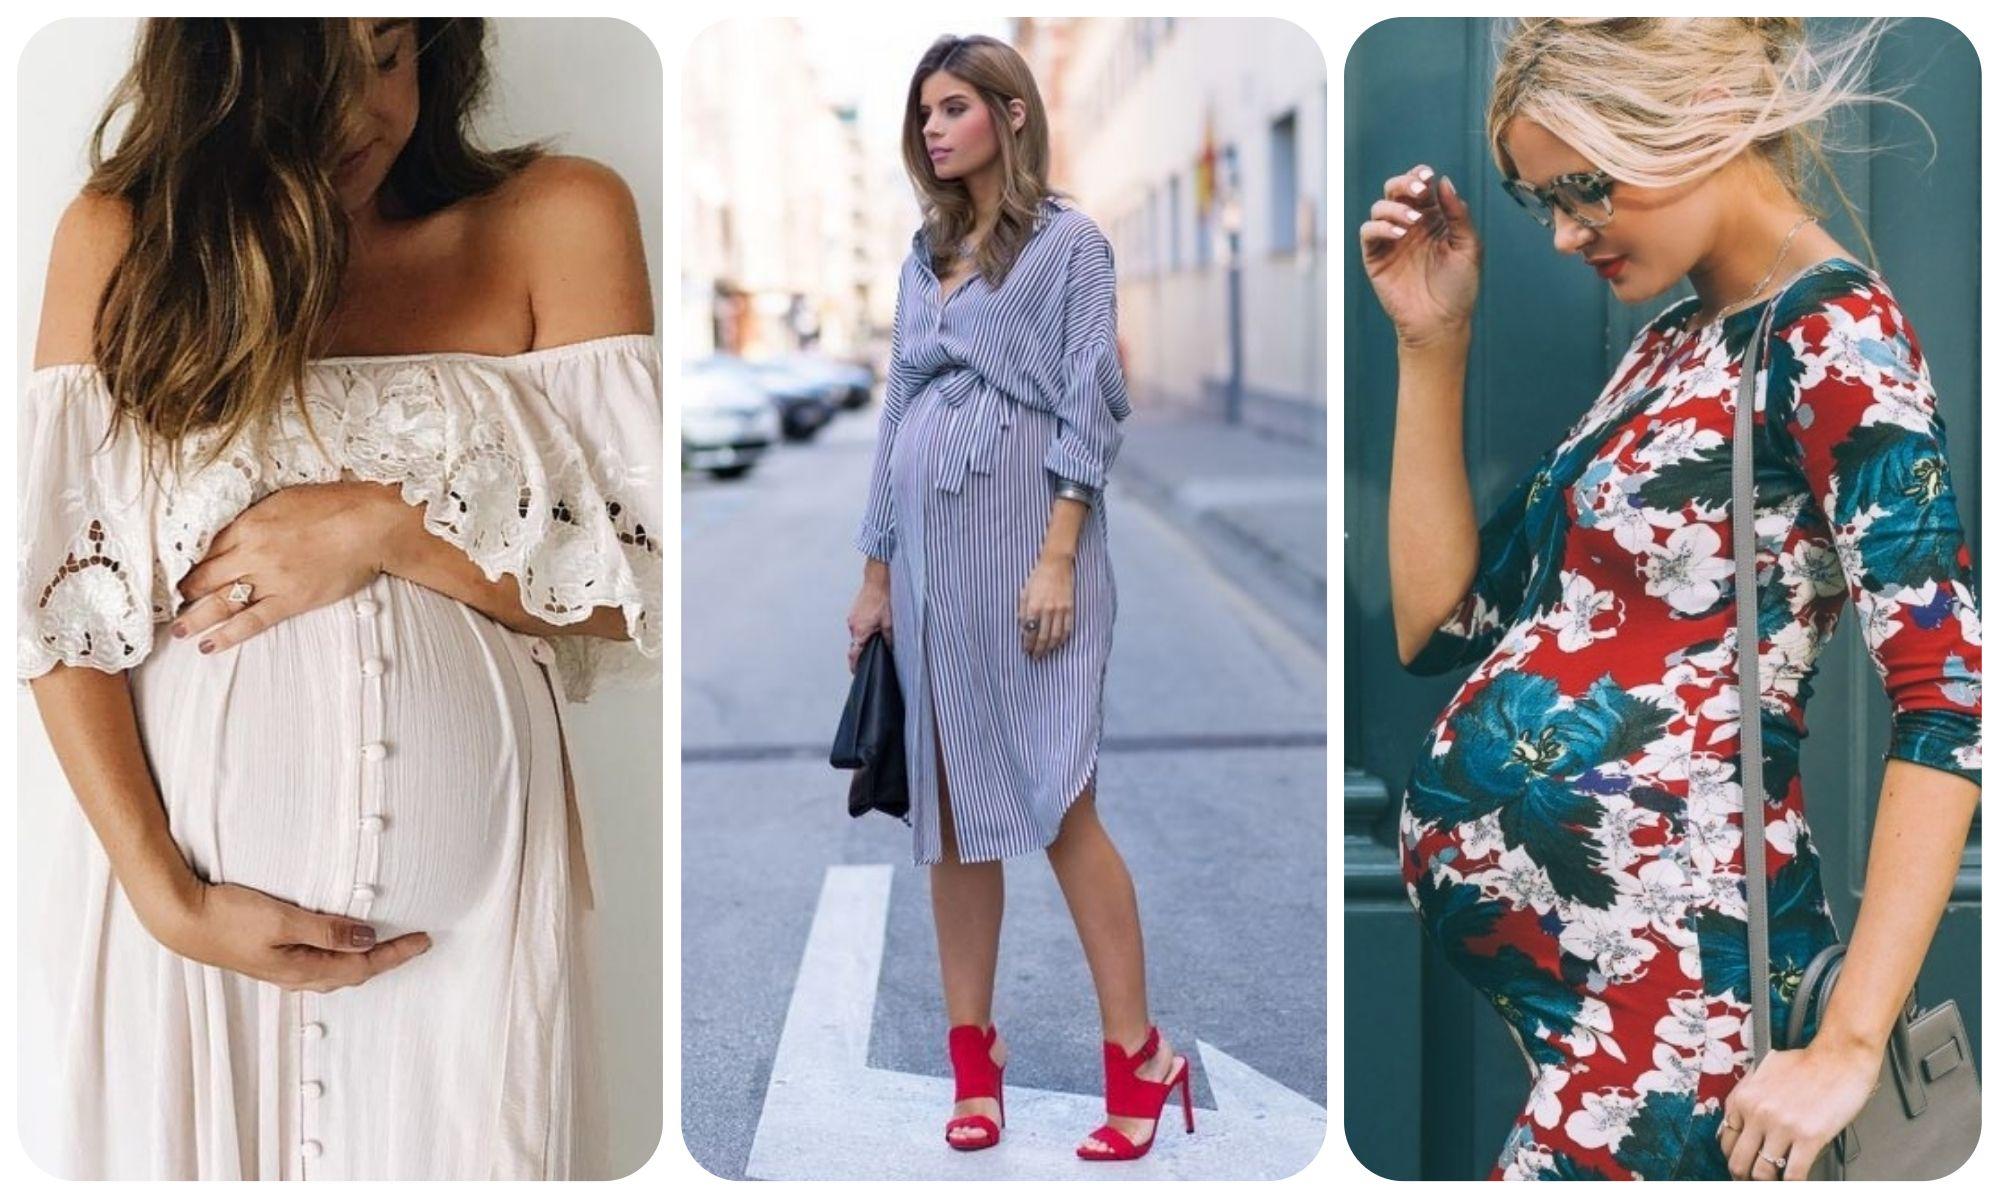 мода для беременных женщин весна-лето 2019, фото 4